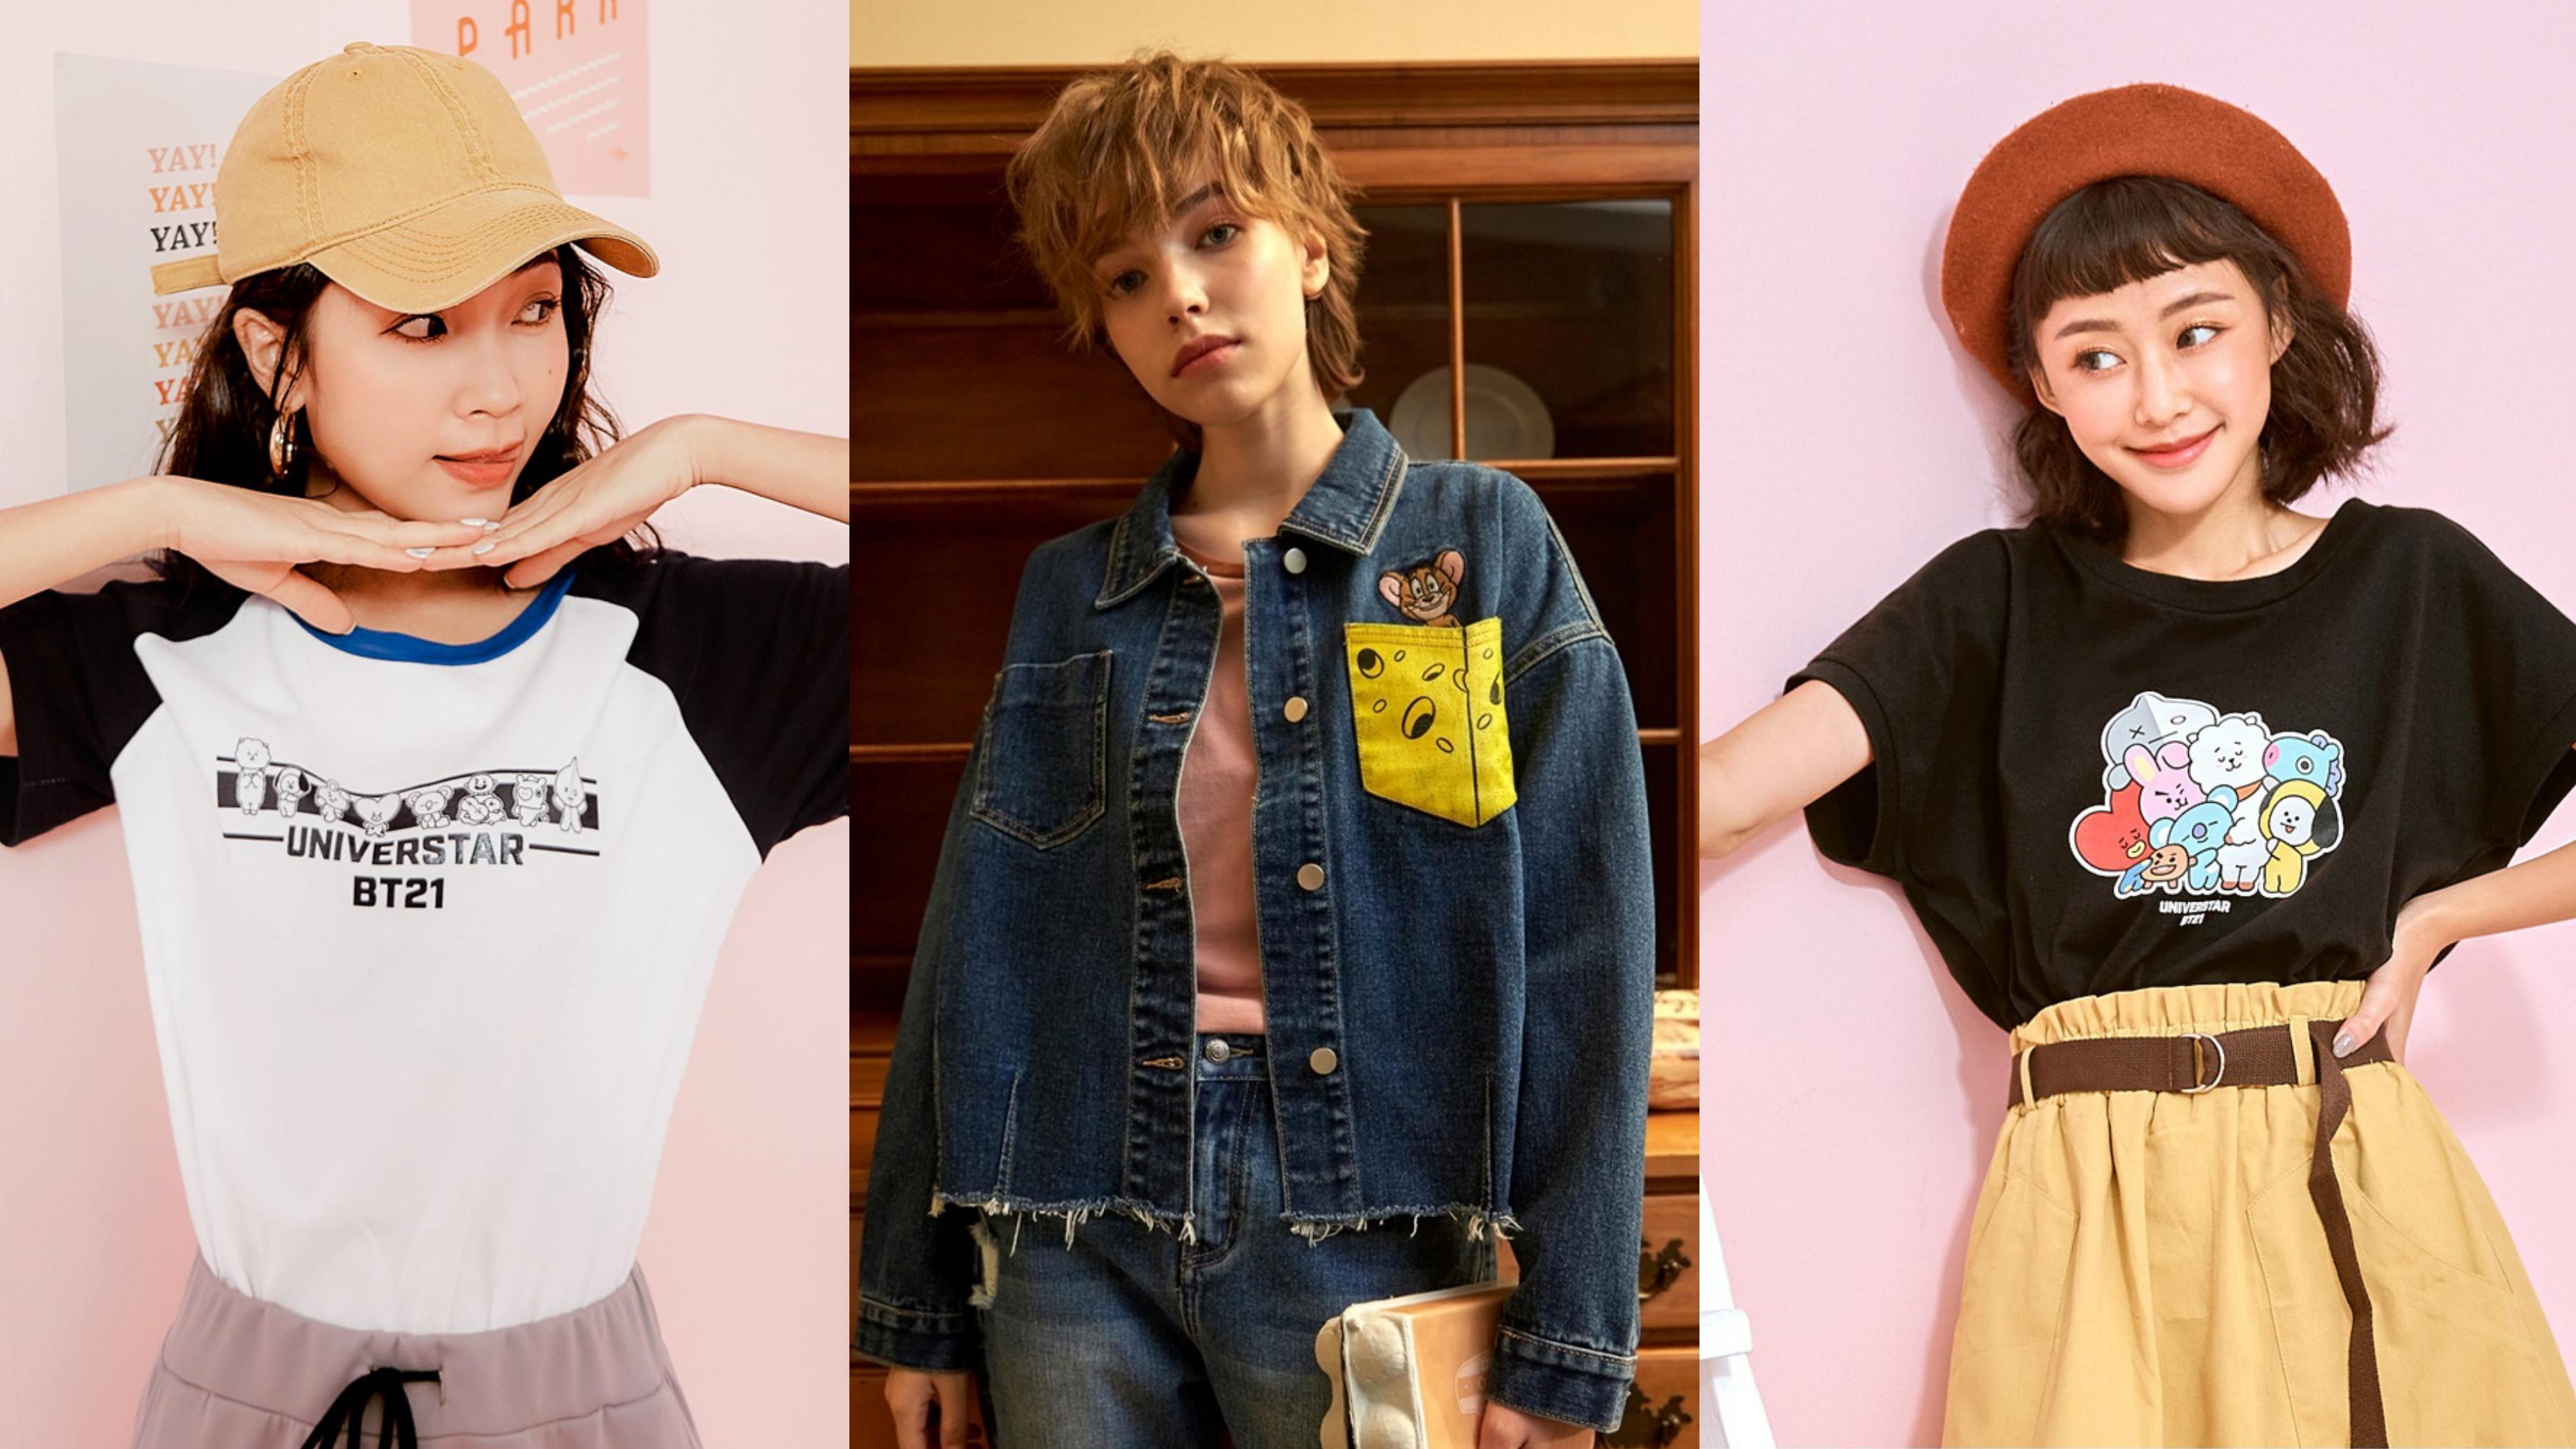 粉紅泡泡少女心大噴發、療癒系的卡通聯名服飾系列!